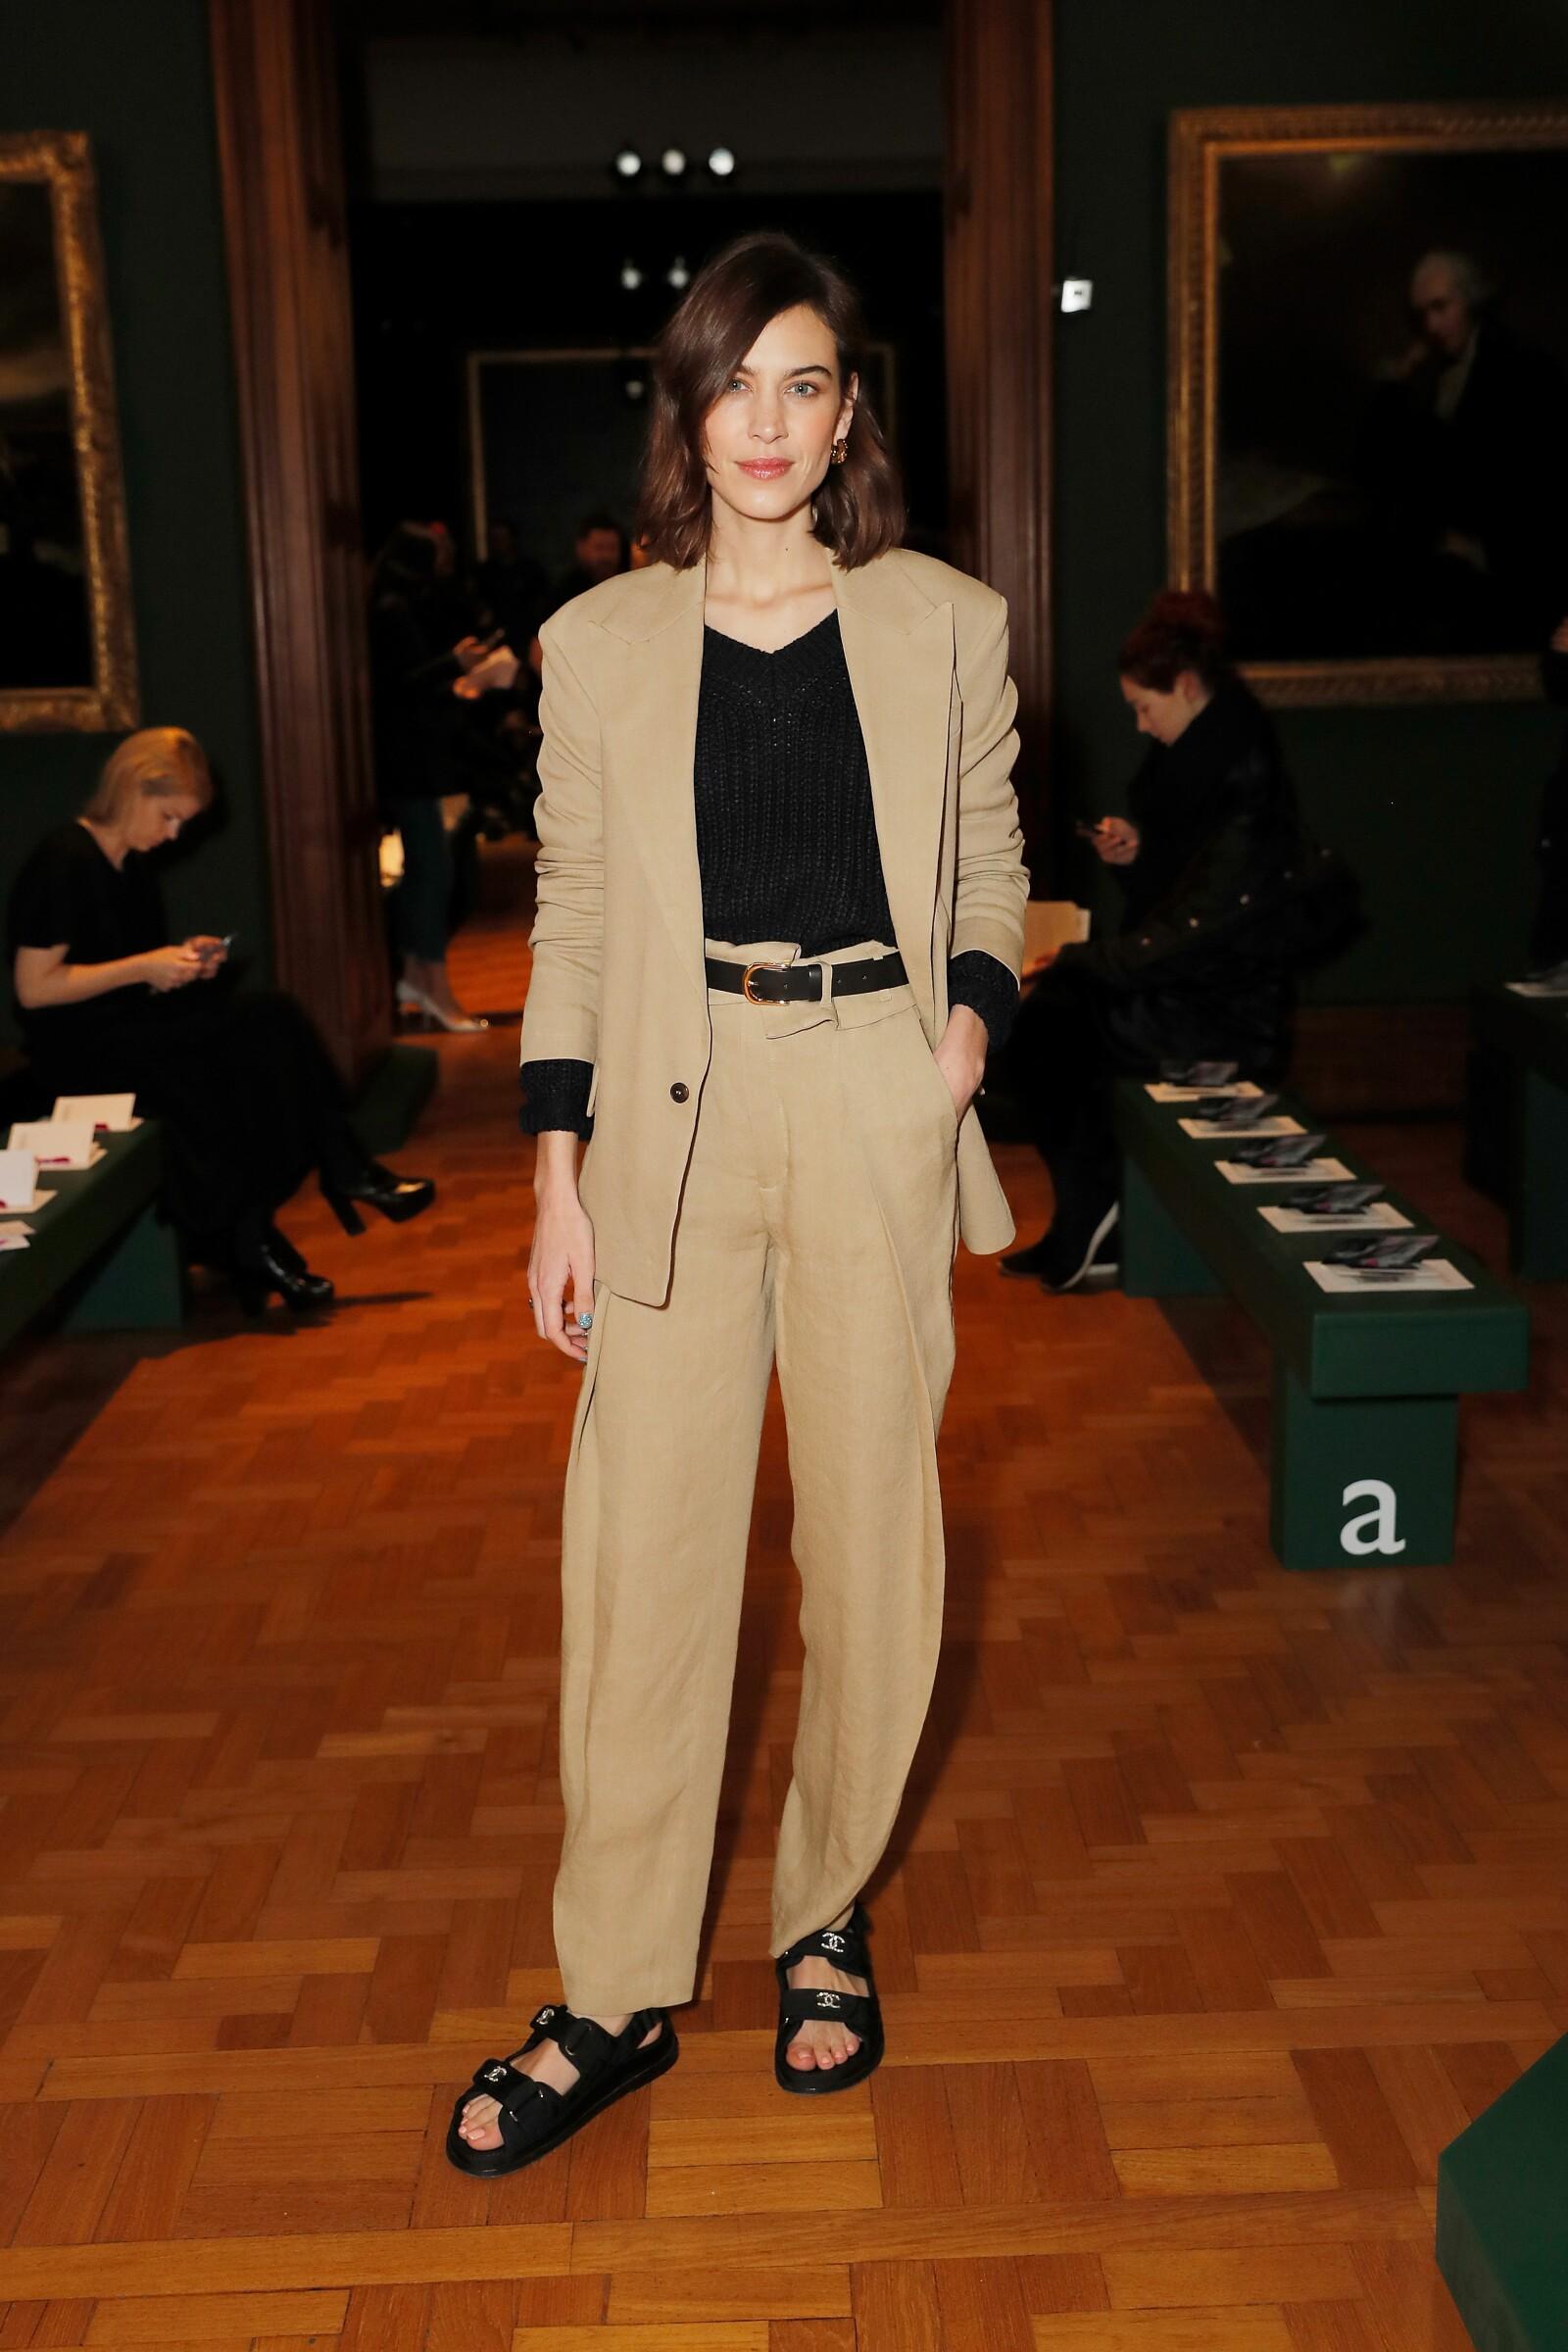 Alexa Chung en un look total beige de H&M Studio y unas sandalias Chanel para asistir al desfile de Erdem en London Fashion Week 2019